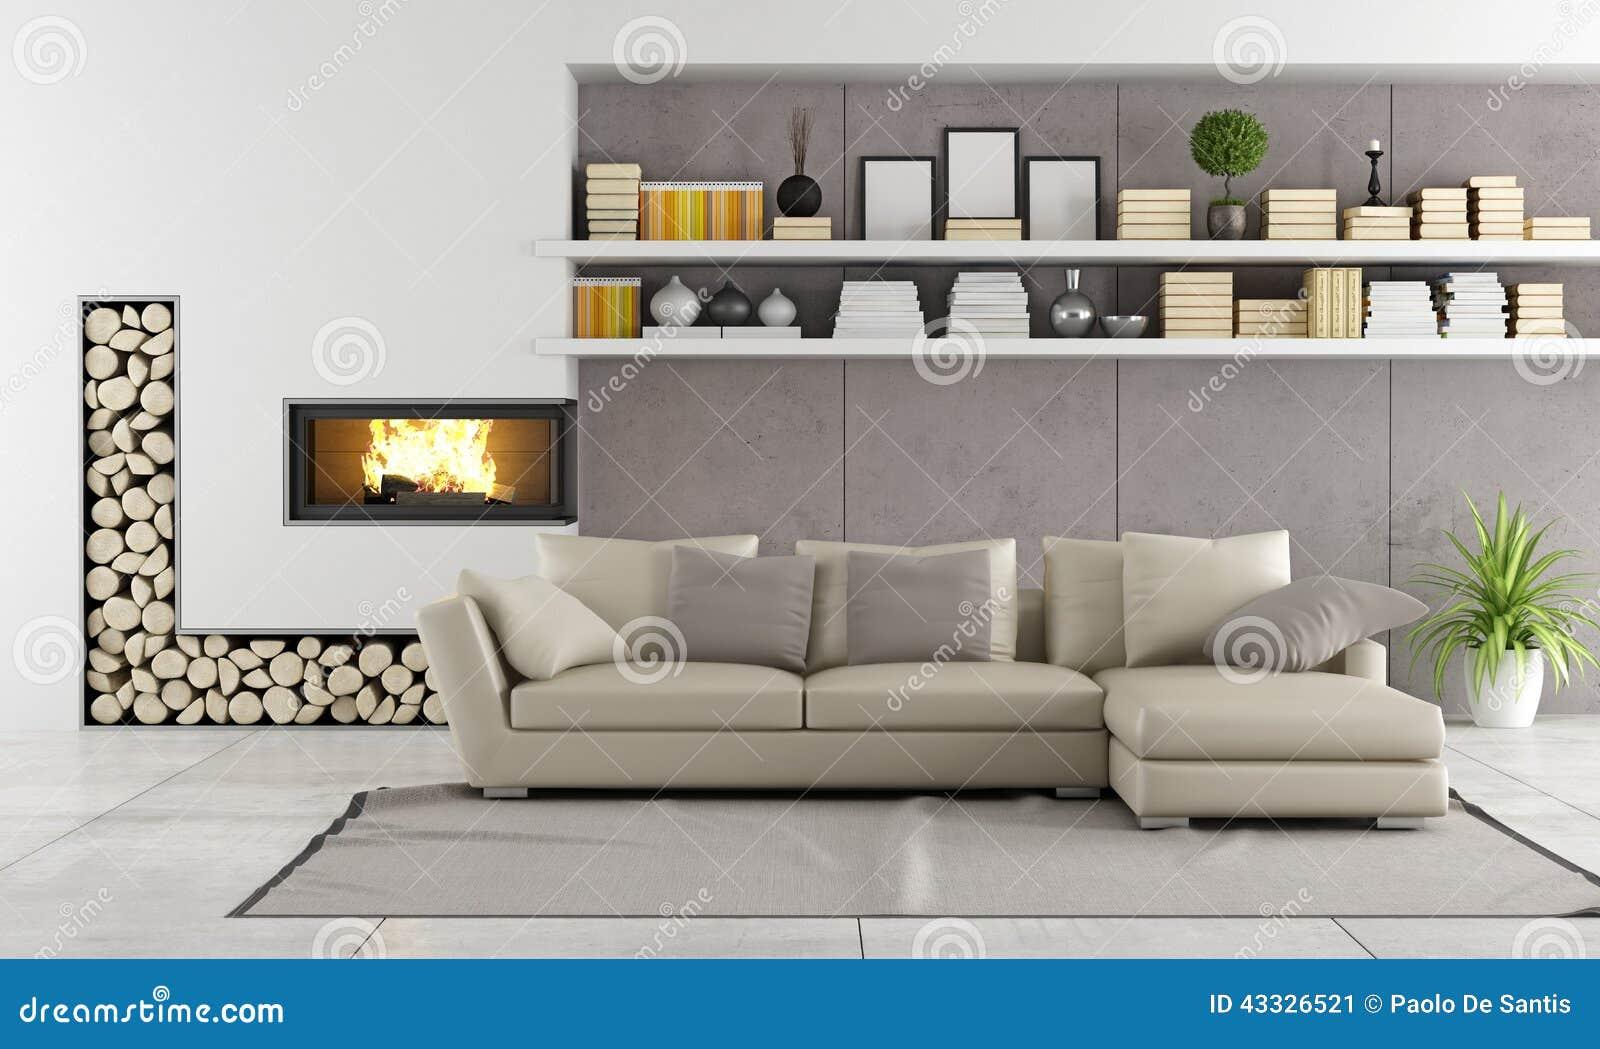 Modernes Wohnzimmer Mit Kamin Stock Abbildung - Illustration von ...